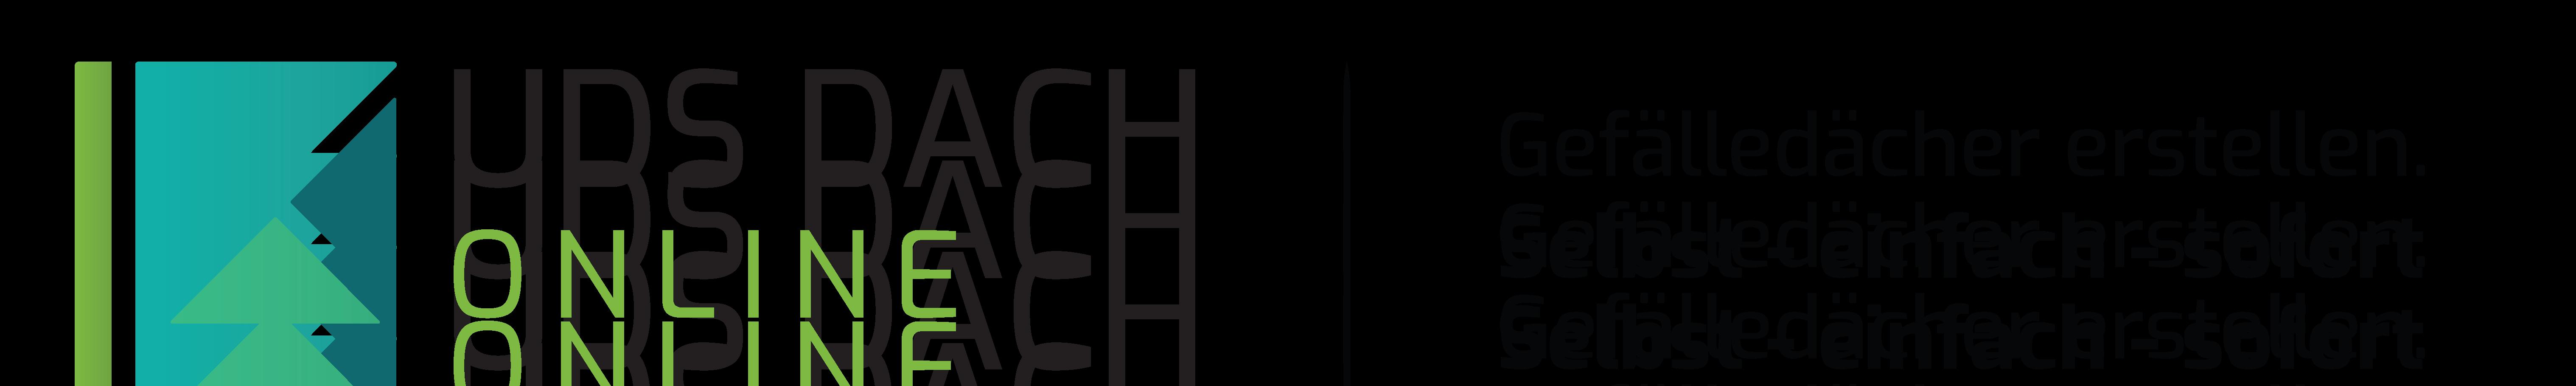 UDS DACH ONLINE-Logo